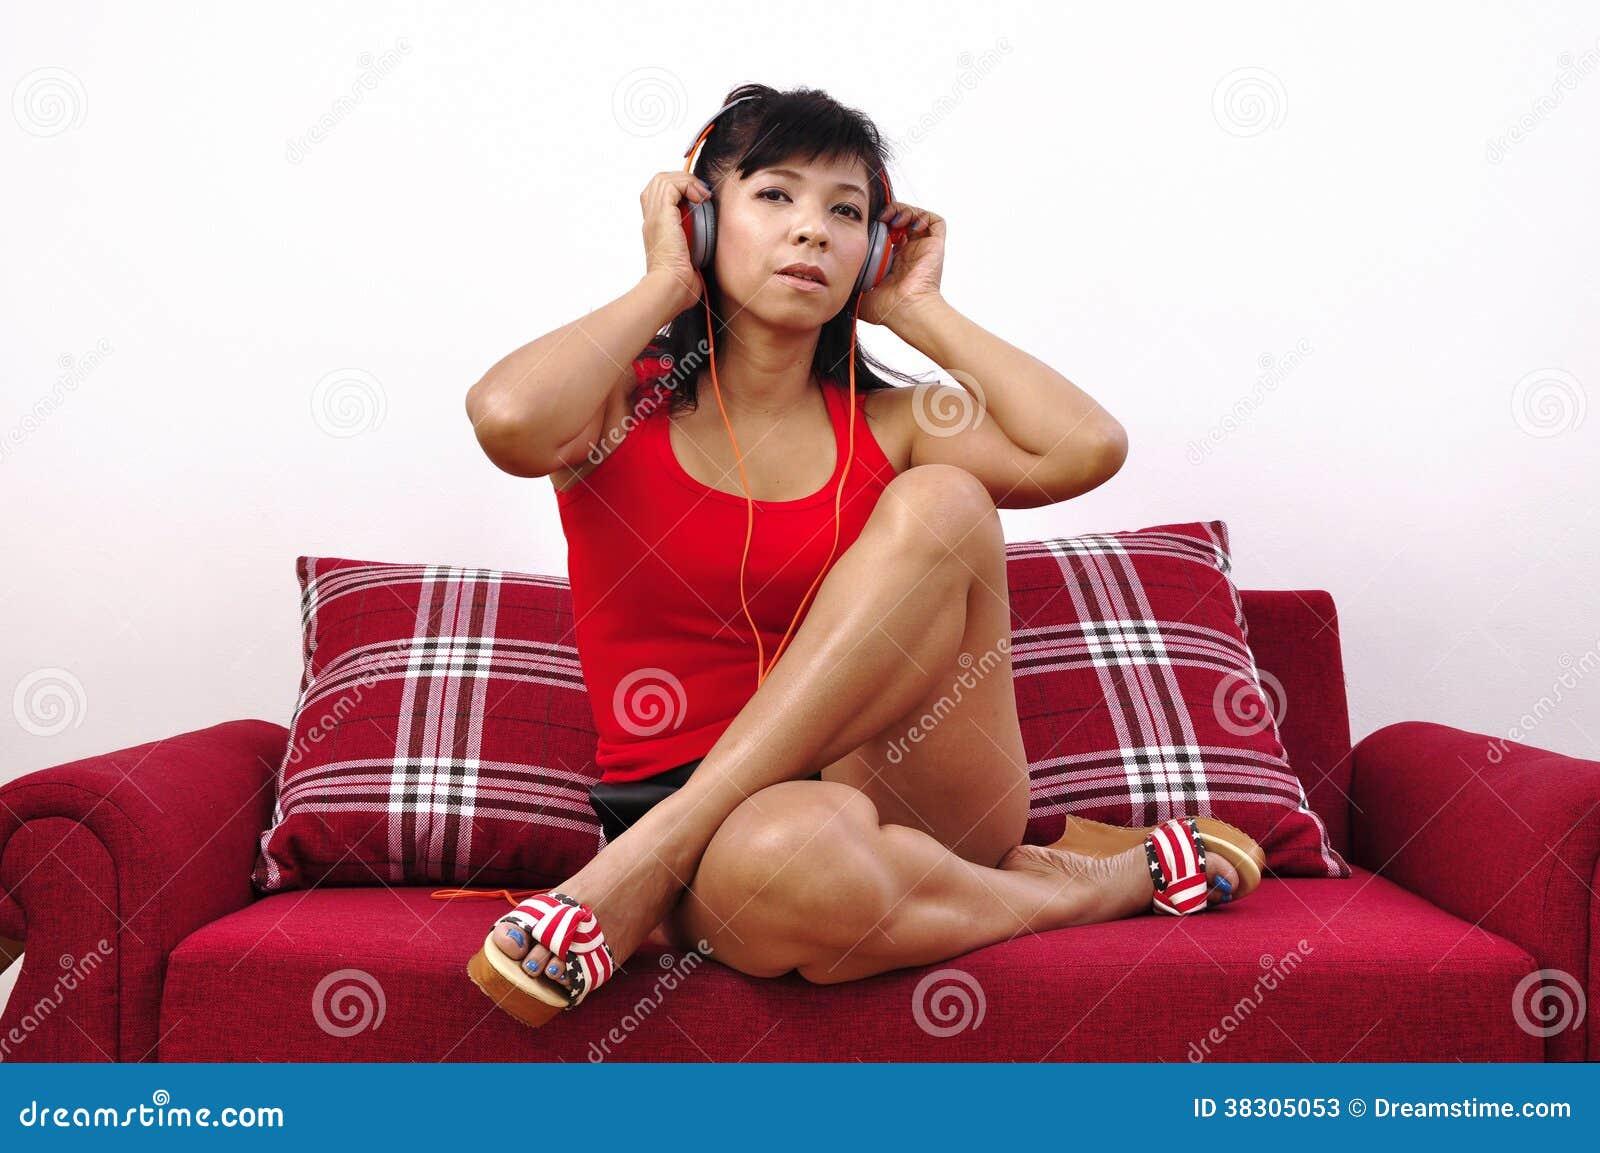 Asiatin Squirtet Auf Dem Sofa